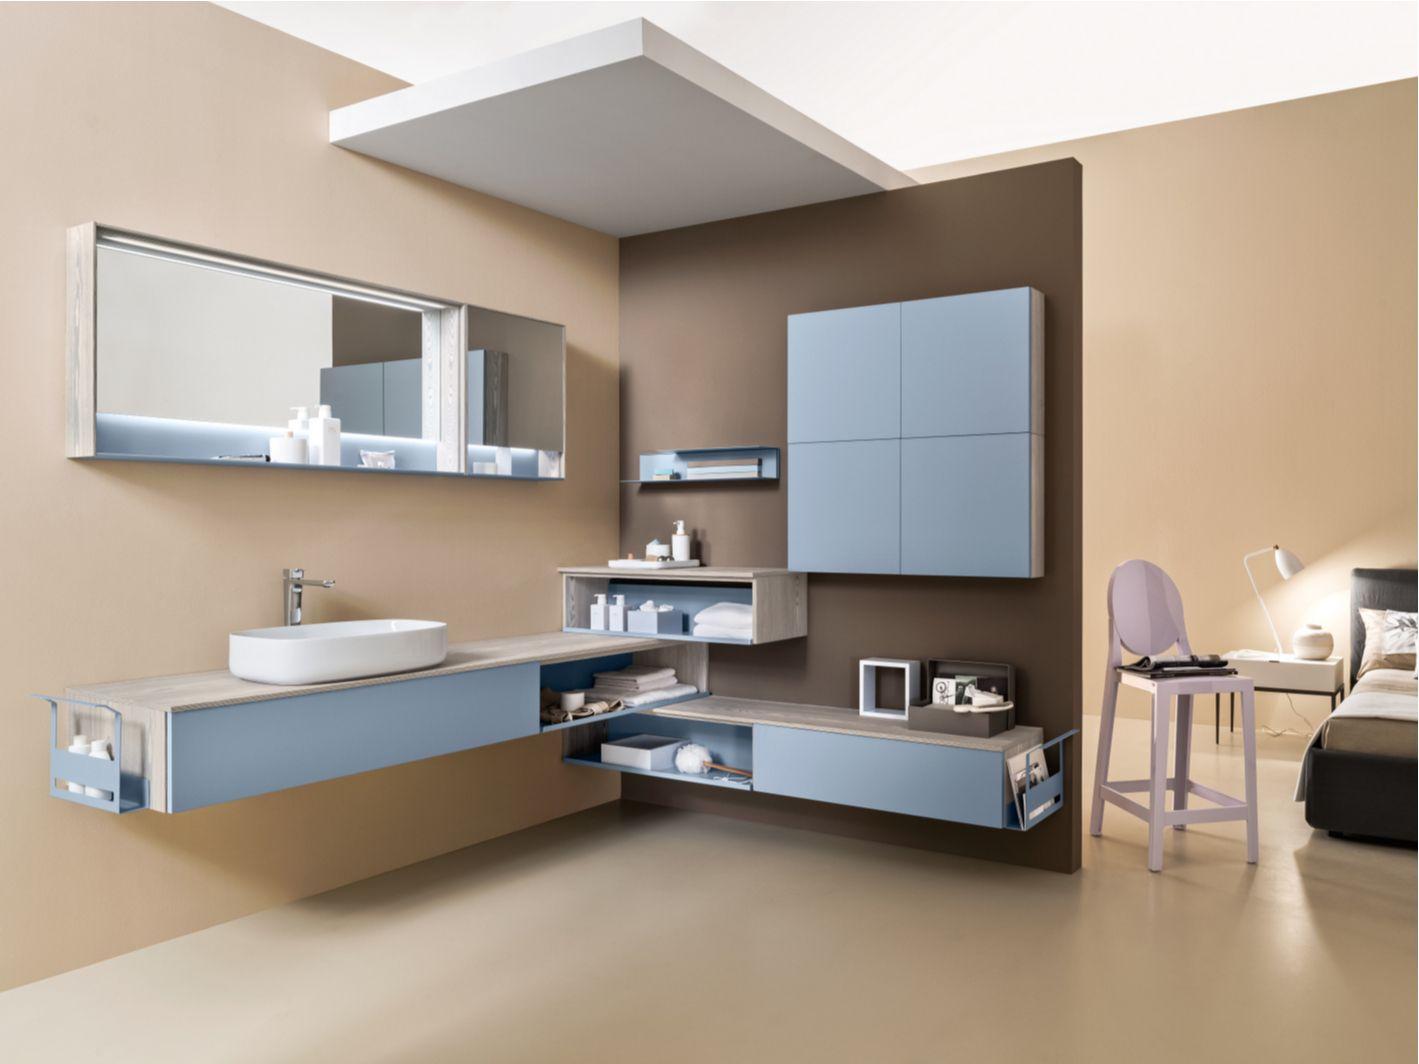 Mobile lavabo angolare componibile laccato DRESS DR1005 Collezione ...